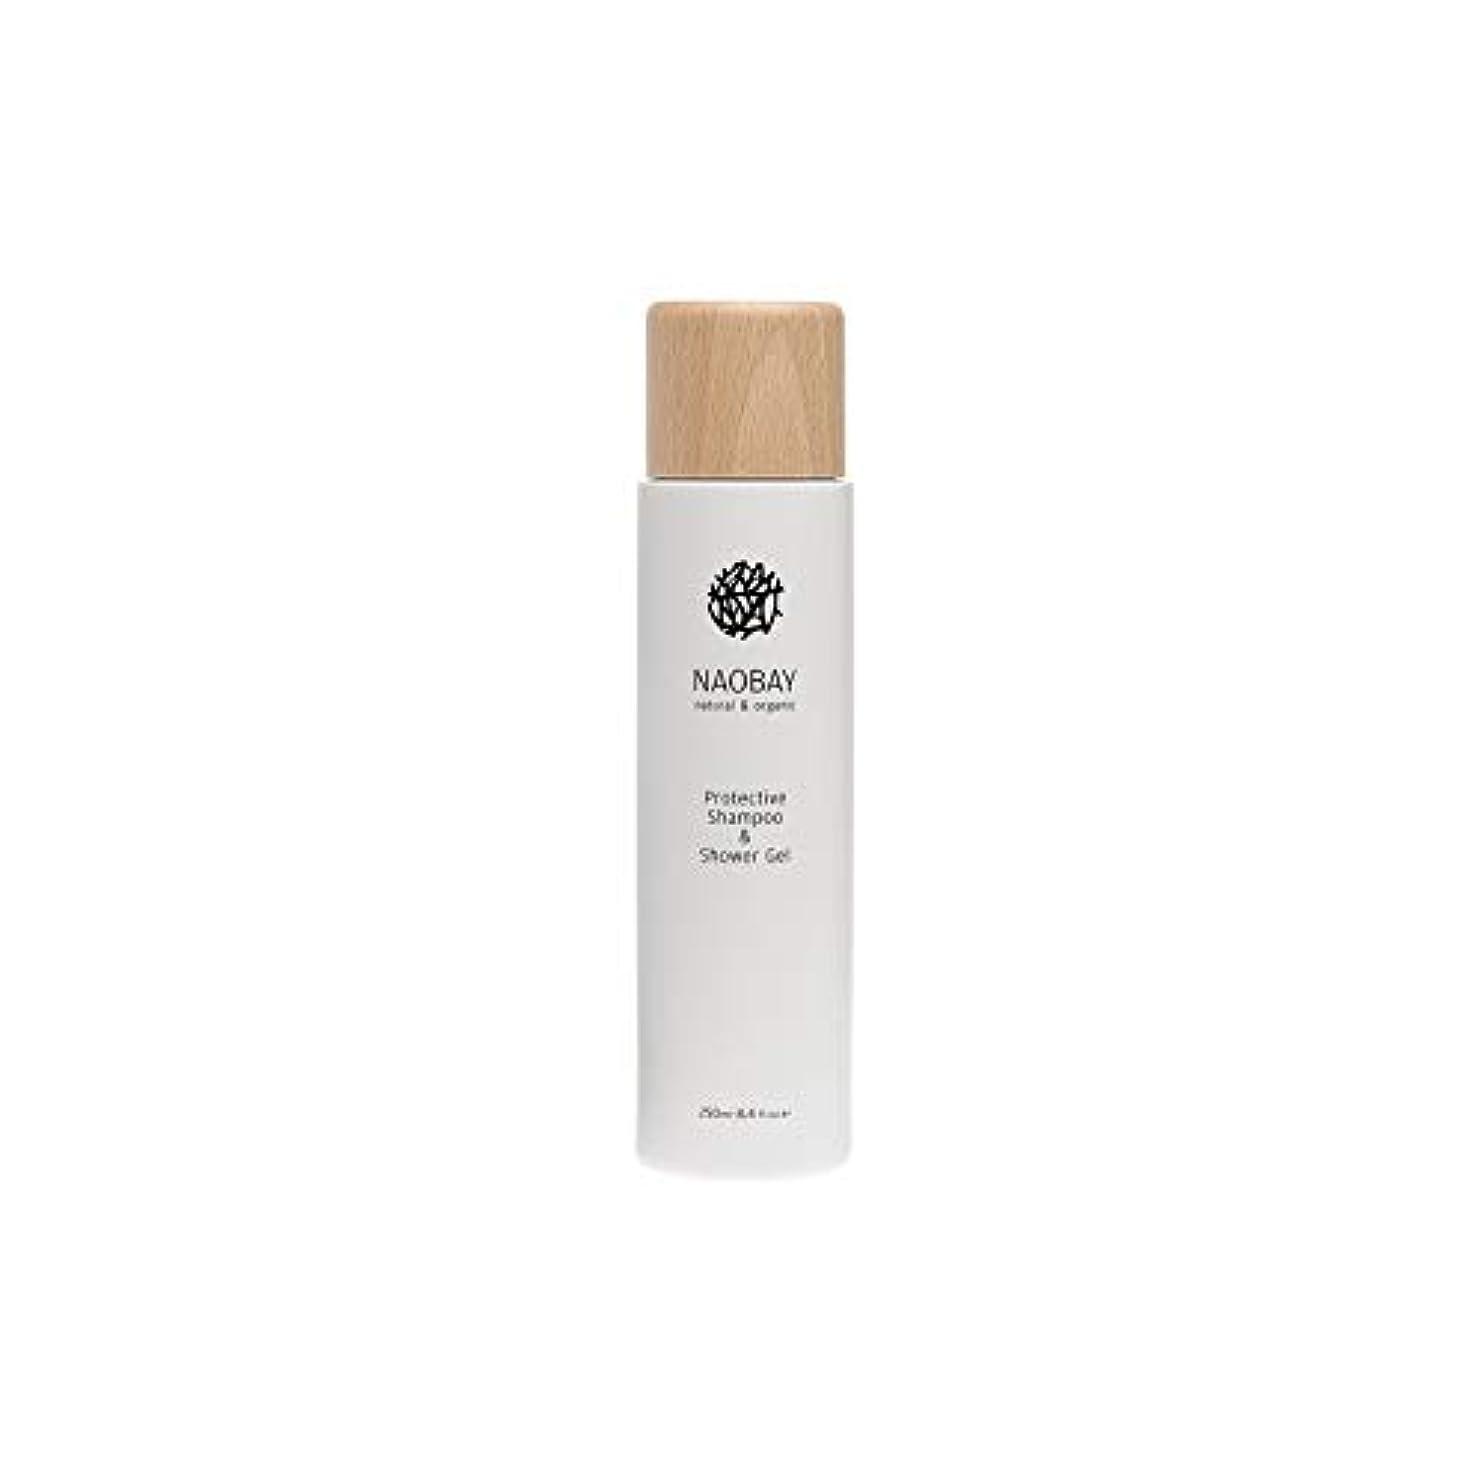 トランクライブラリテレマコスクスクス[Naobay] Naobay保護シャンプー&シャワージェル250ミリリットル - NAOBAY Protective Shampoo & Shower Gel 250ml [並行輸入品]